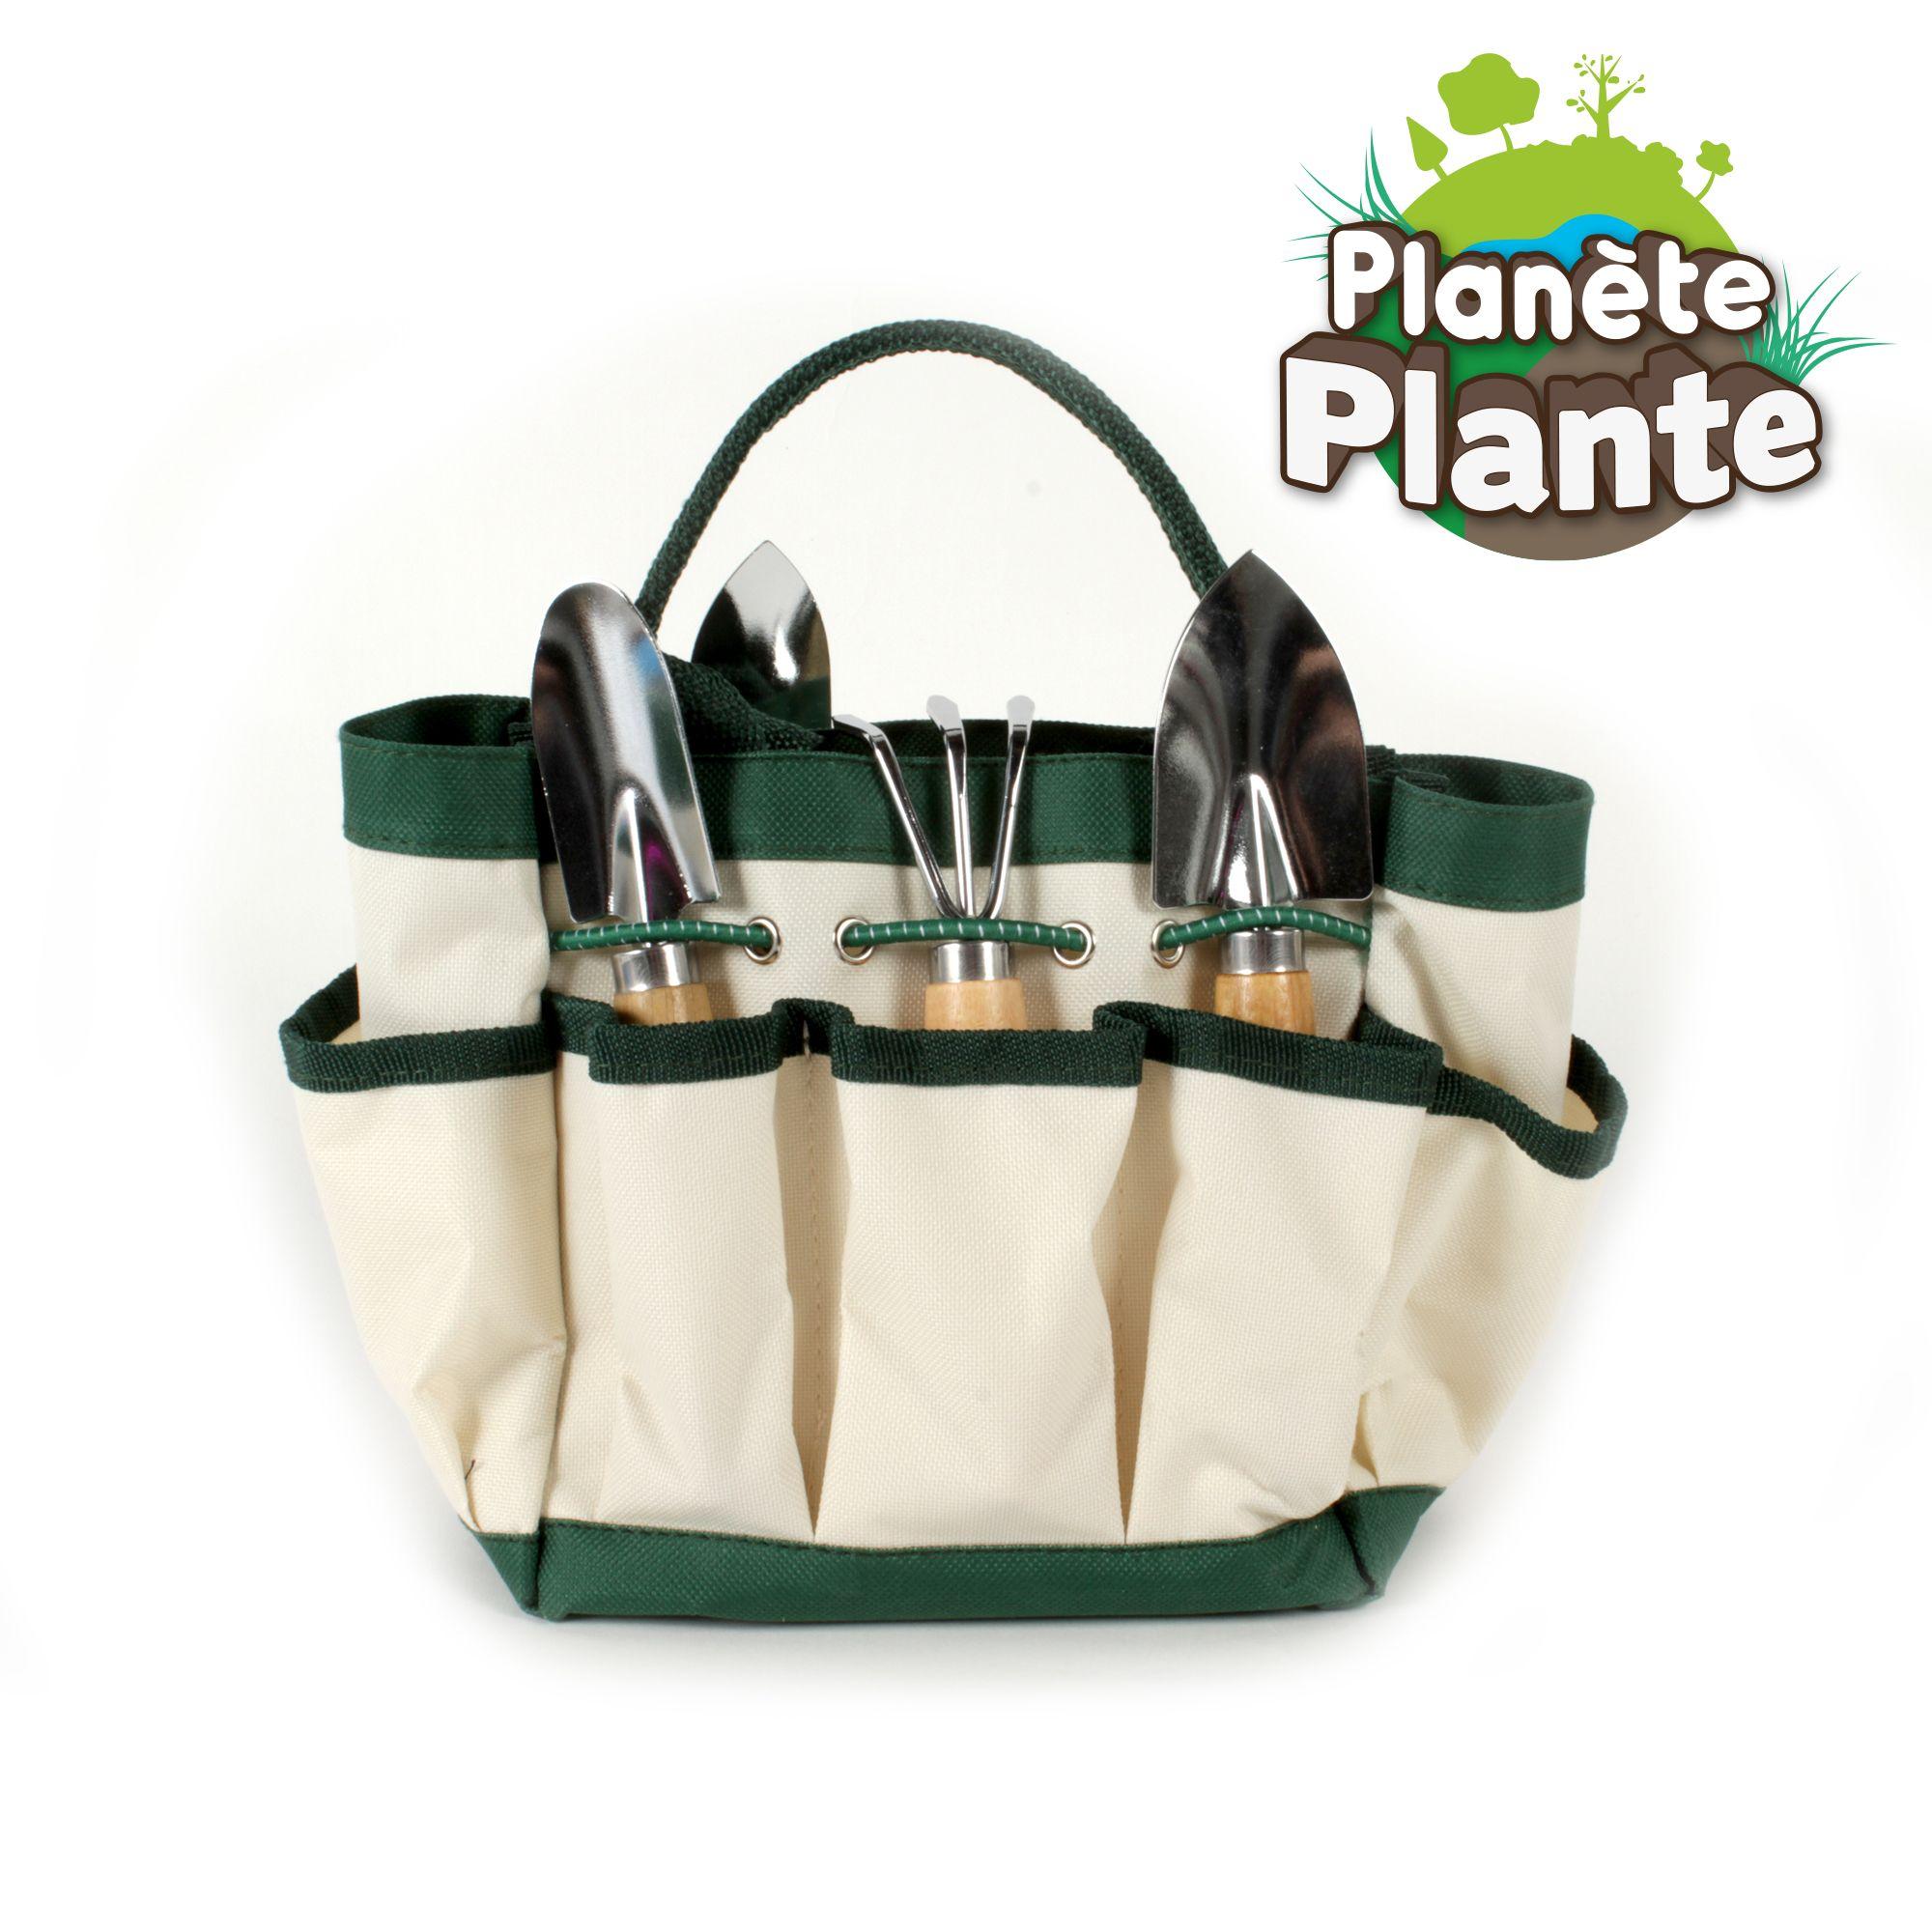 Les Outils De Jardinage Avec Photos sac de jardinage avec de véritables outils fournis et pensé